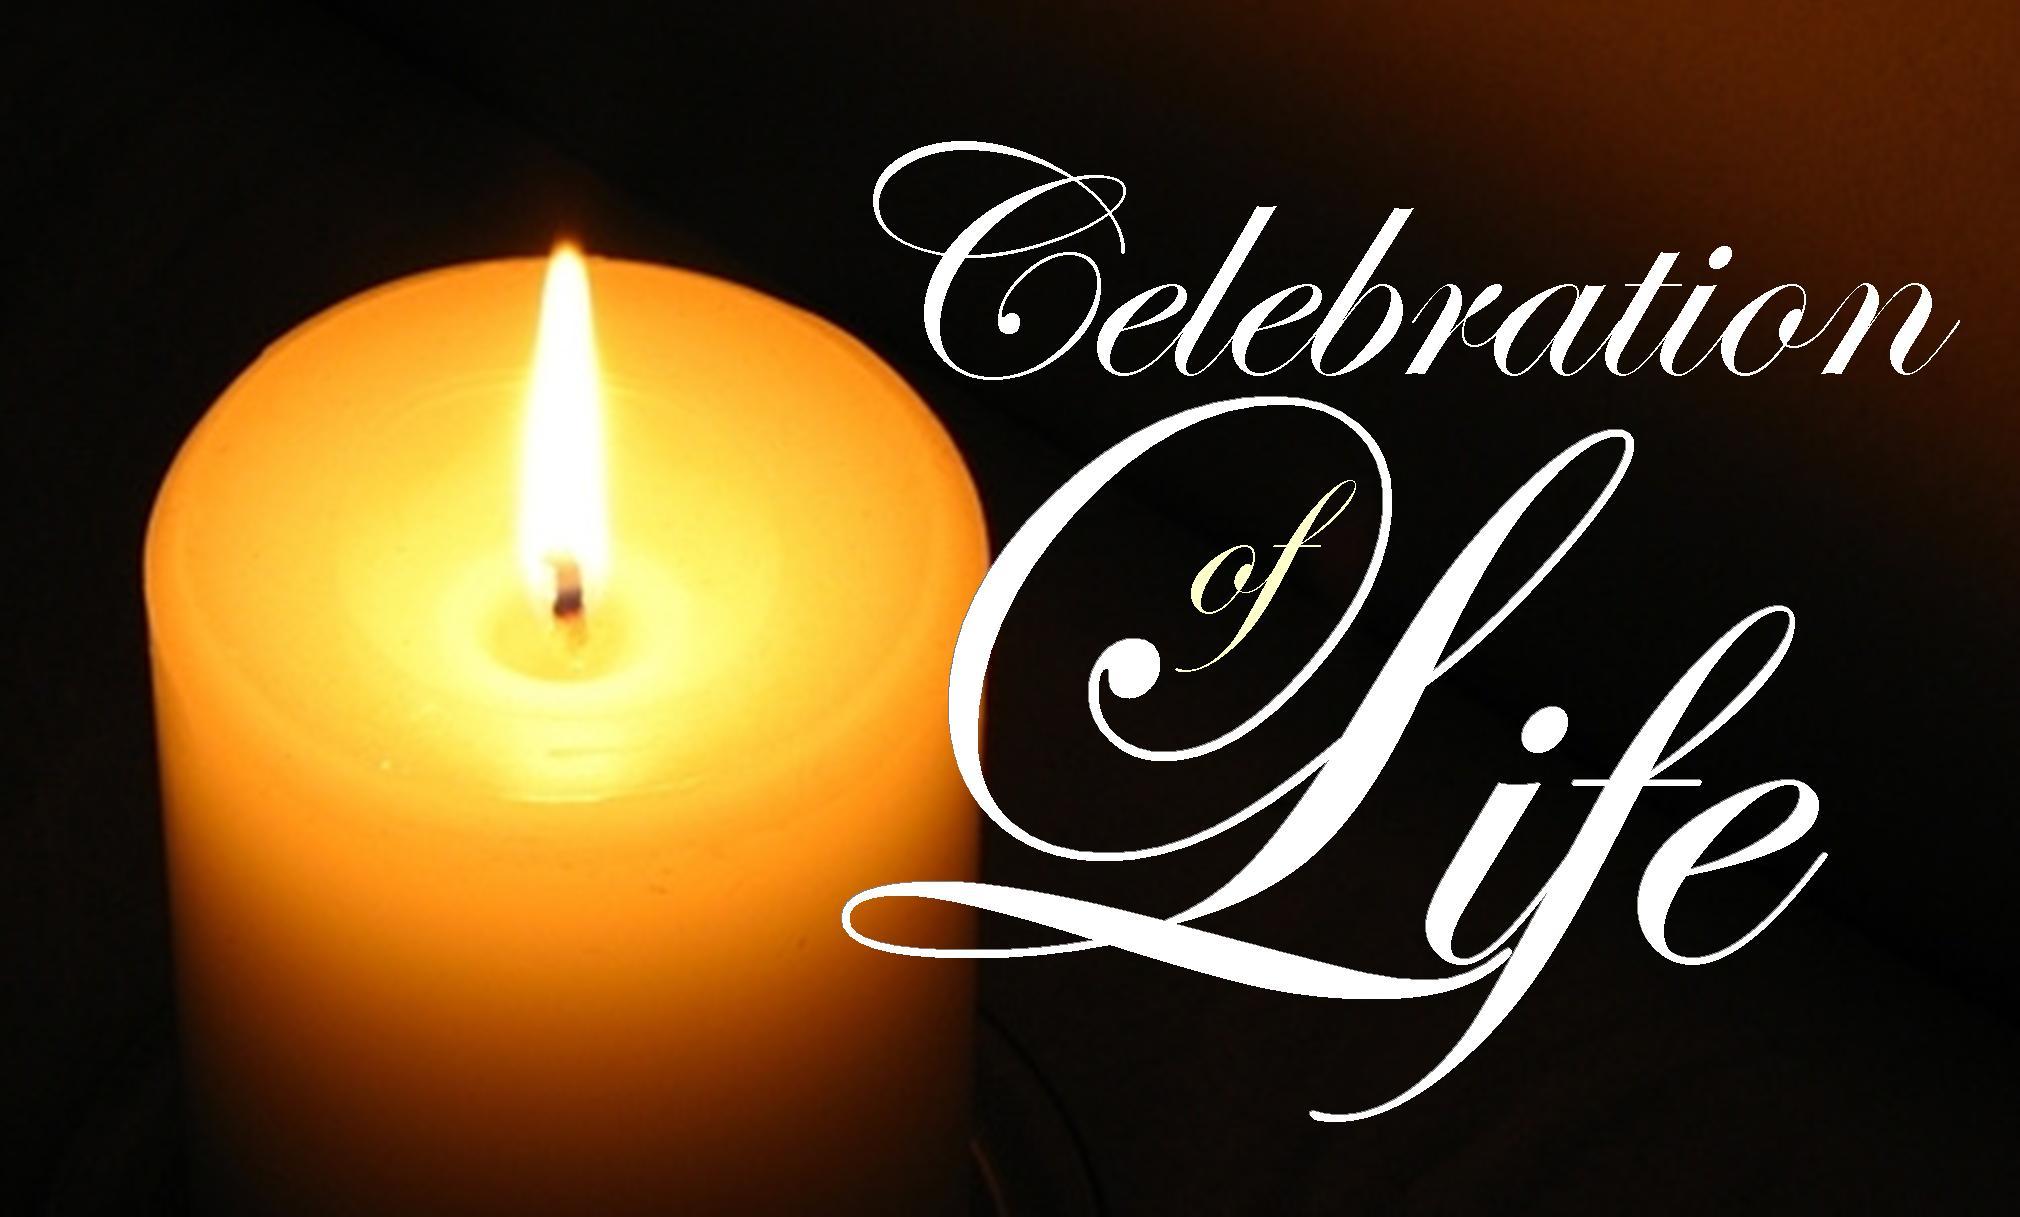 Celebration of life image